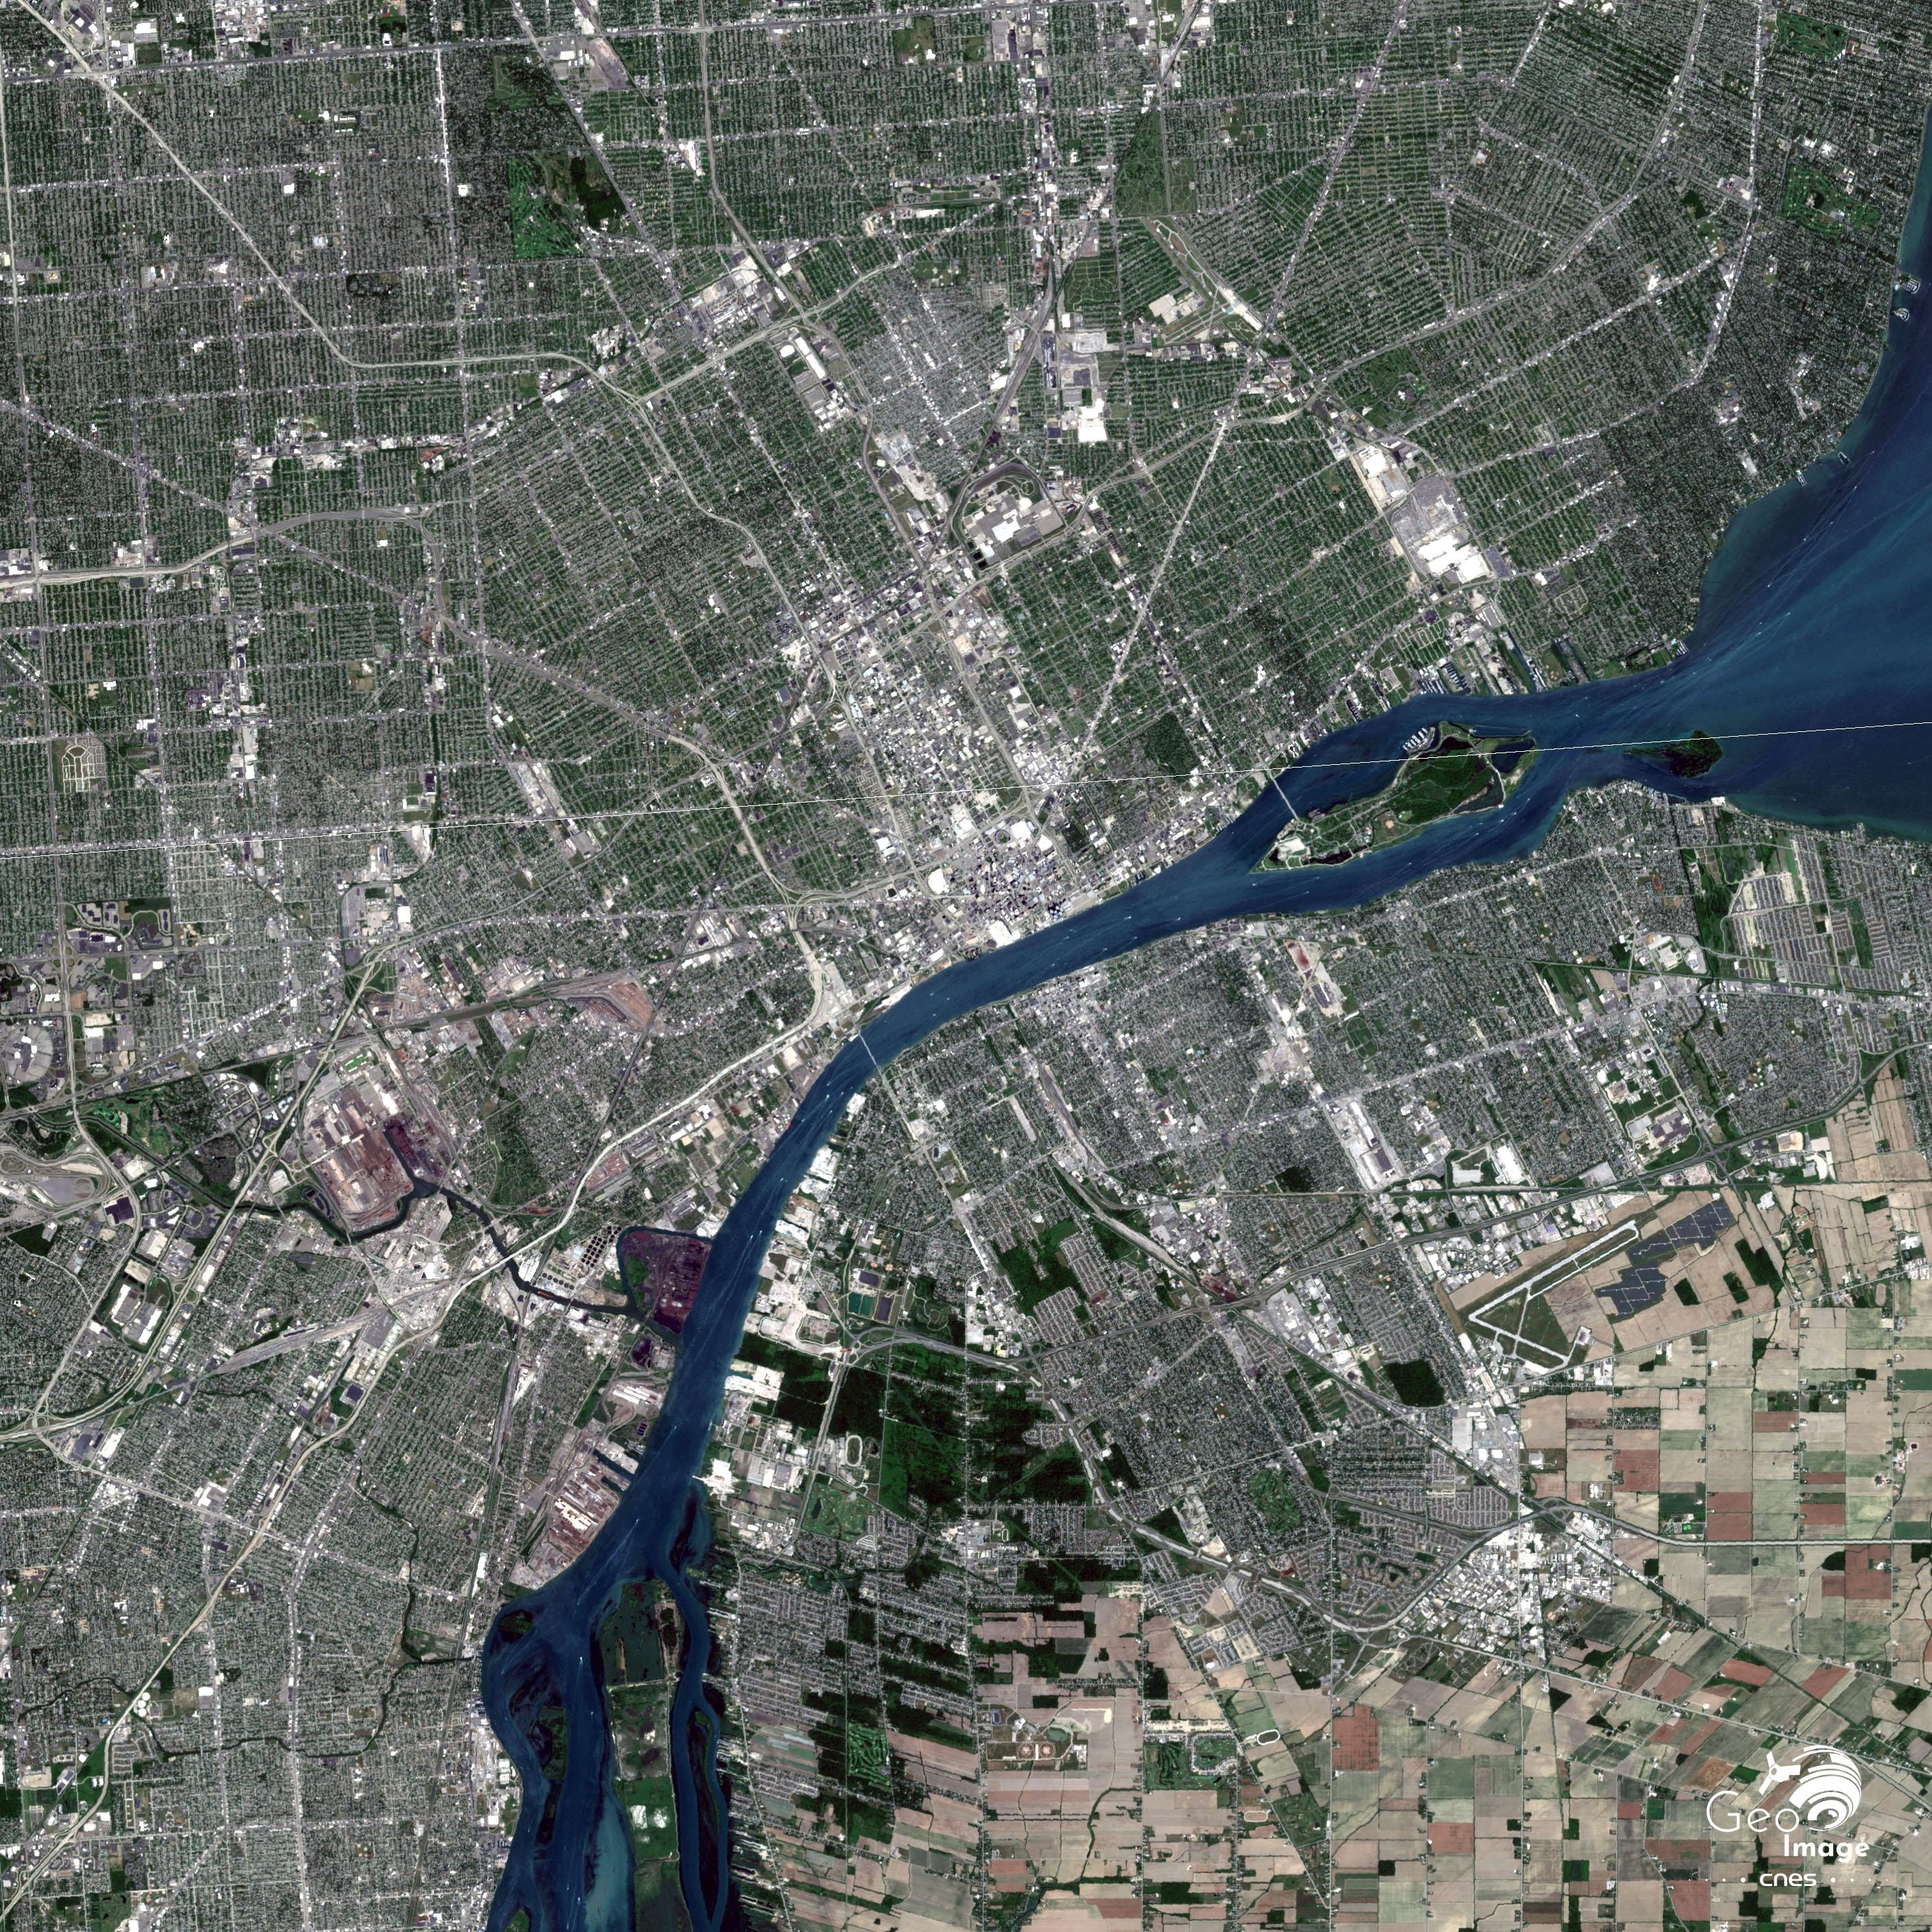 États-Unis / Canada. Détroit-Windsor : un doublet urbain dans la région transfrontalière des Grands Lacs